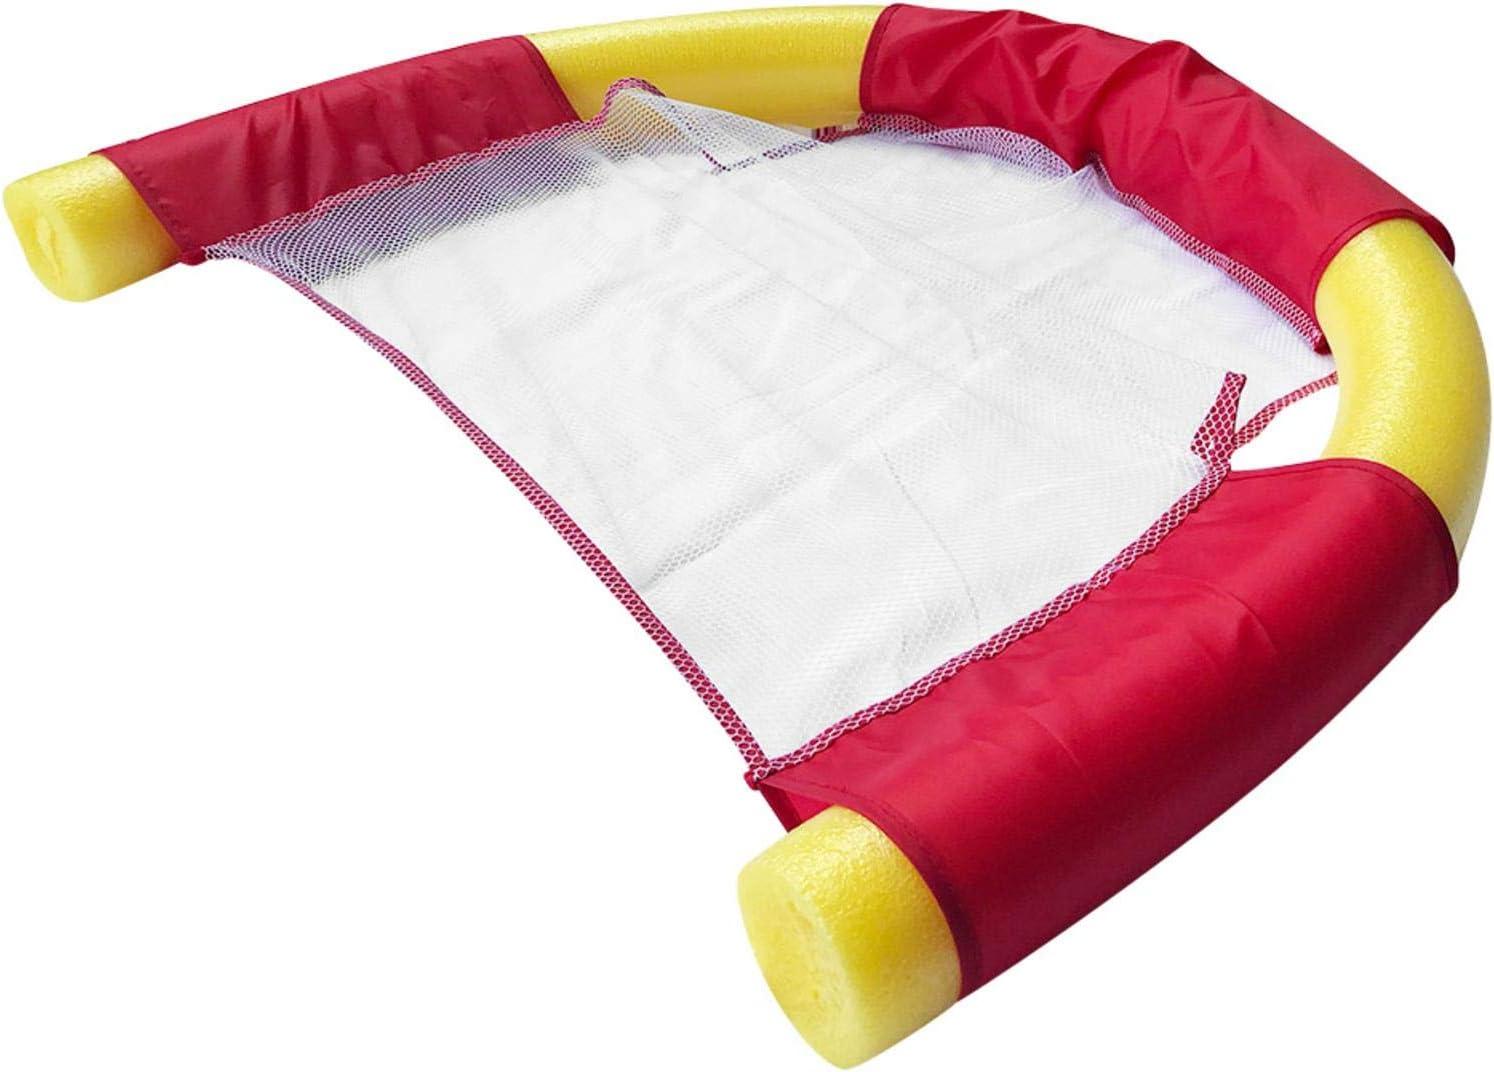 Grust Sillas de natación portátiles para piscina, asiento flotante para adultos, 150 x 7,5 cm